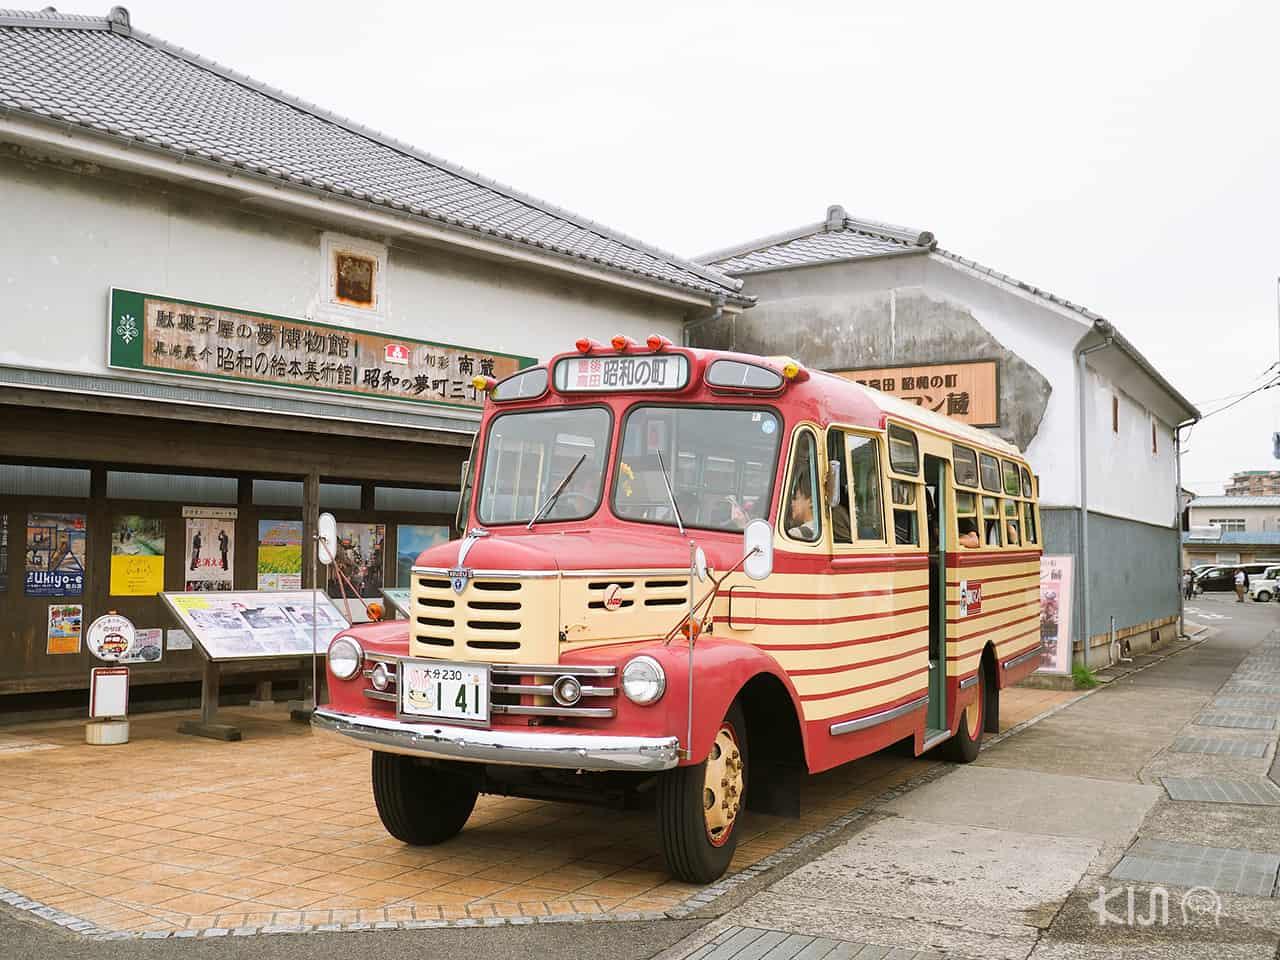 ตามรอยหนัง 'ปาฏิหาริย์ร้านชำของคุณนามิยะ' ที่เมืองบุงโกะทาคาดะ (Bungotakada)